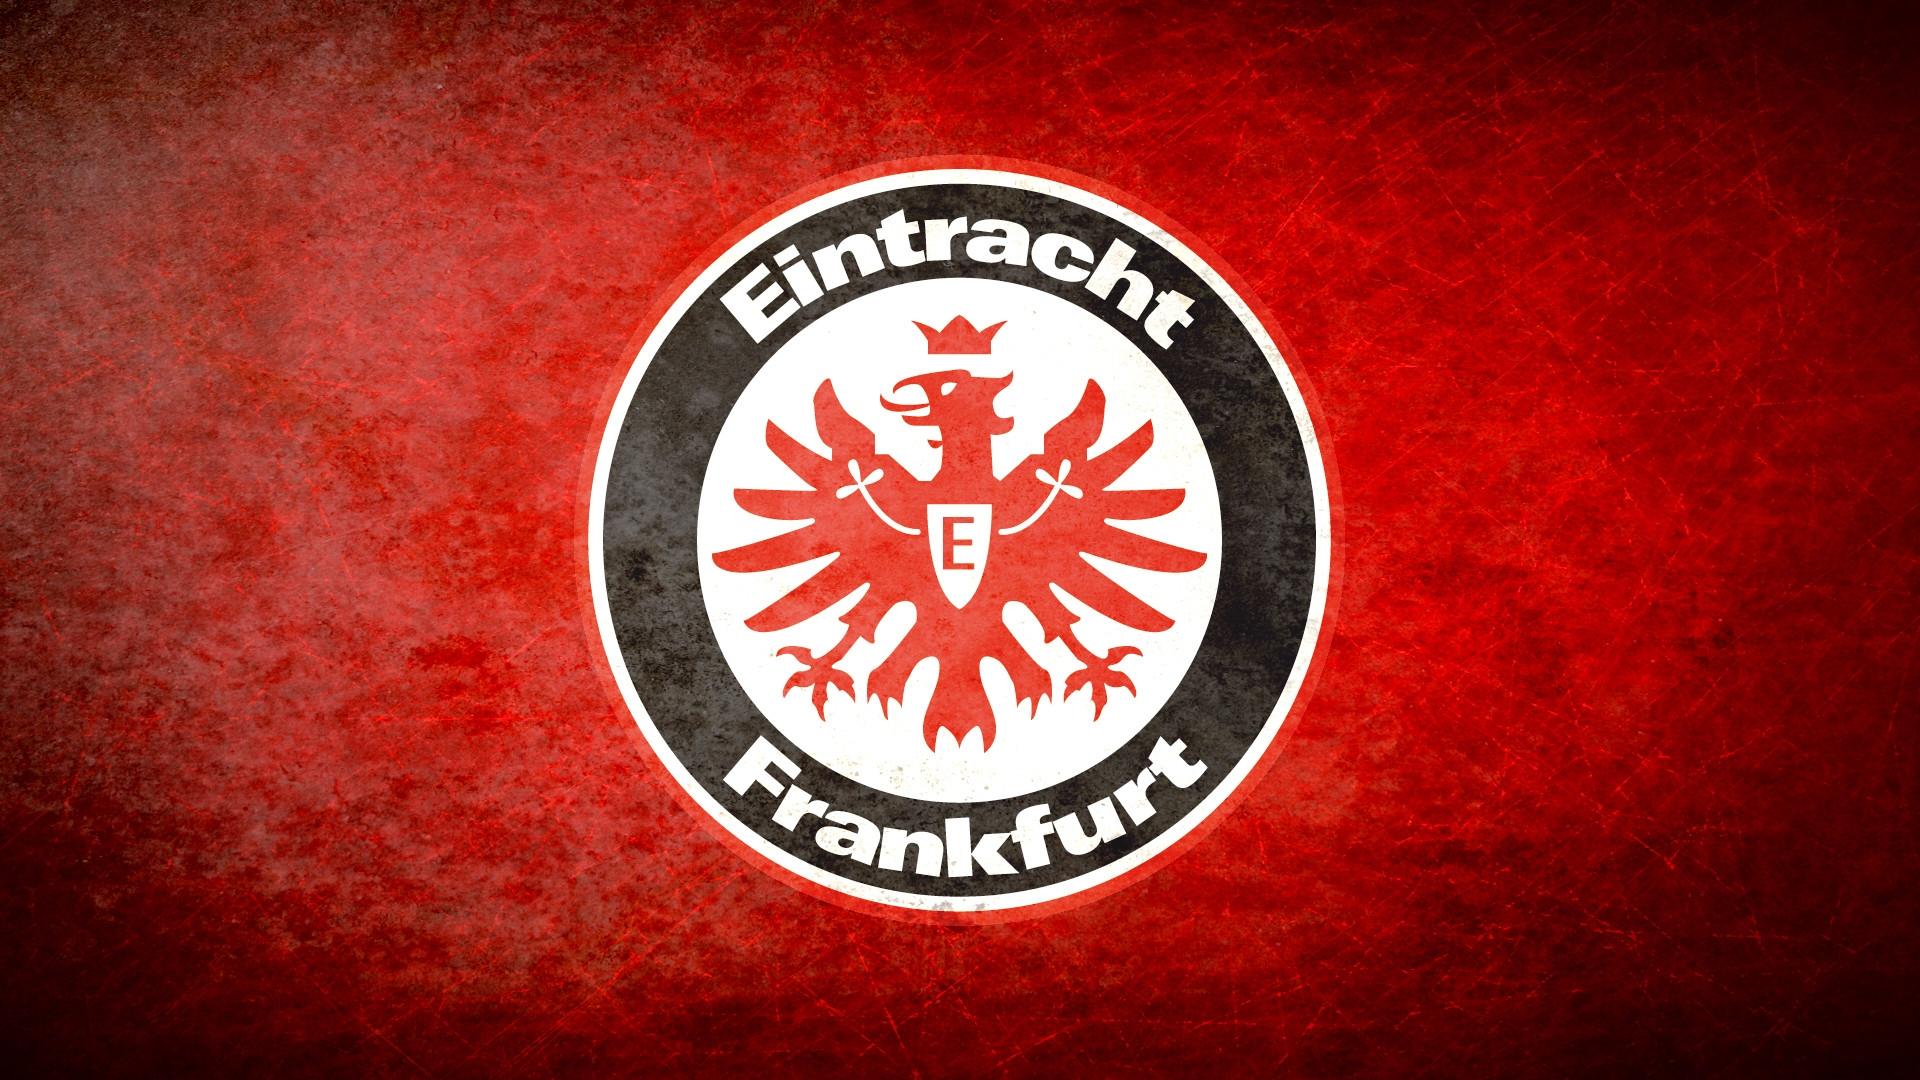 logo hertha bsc